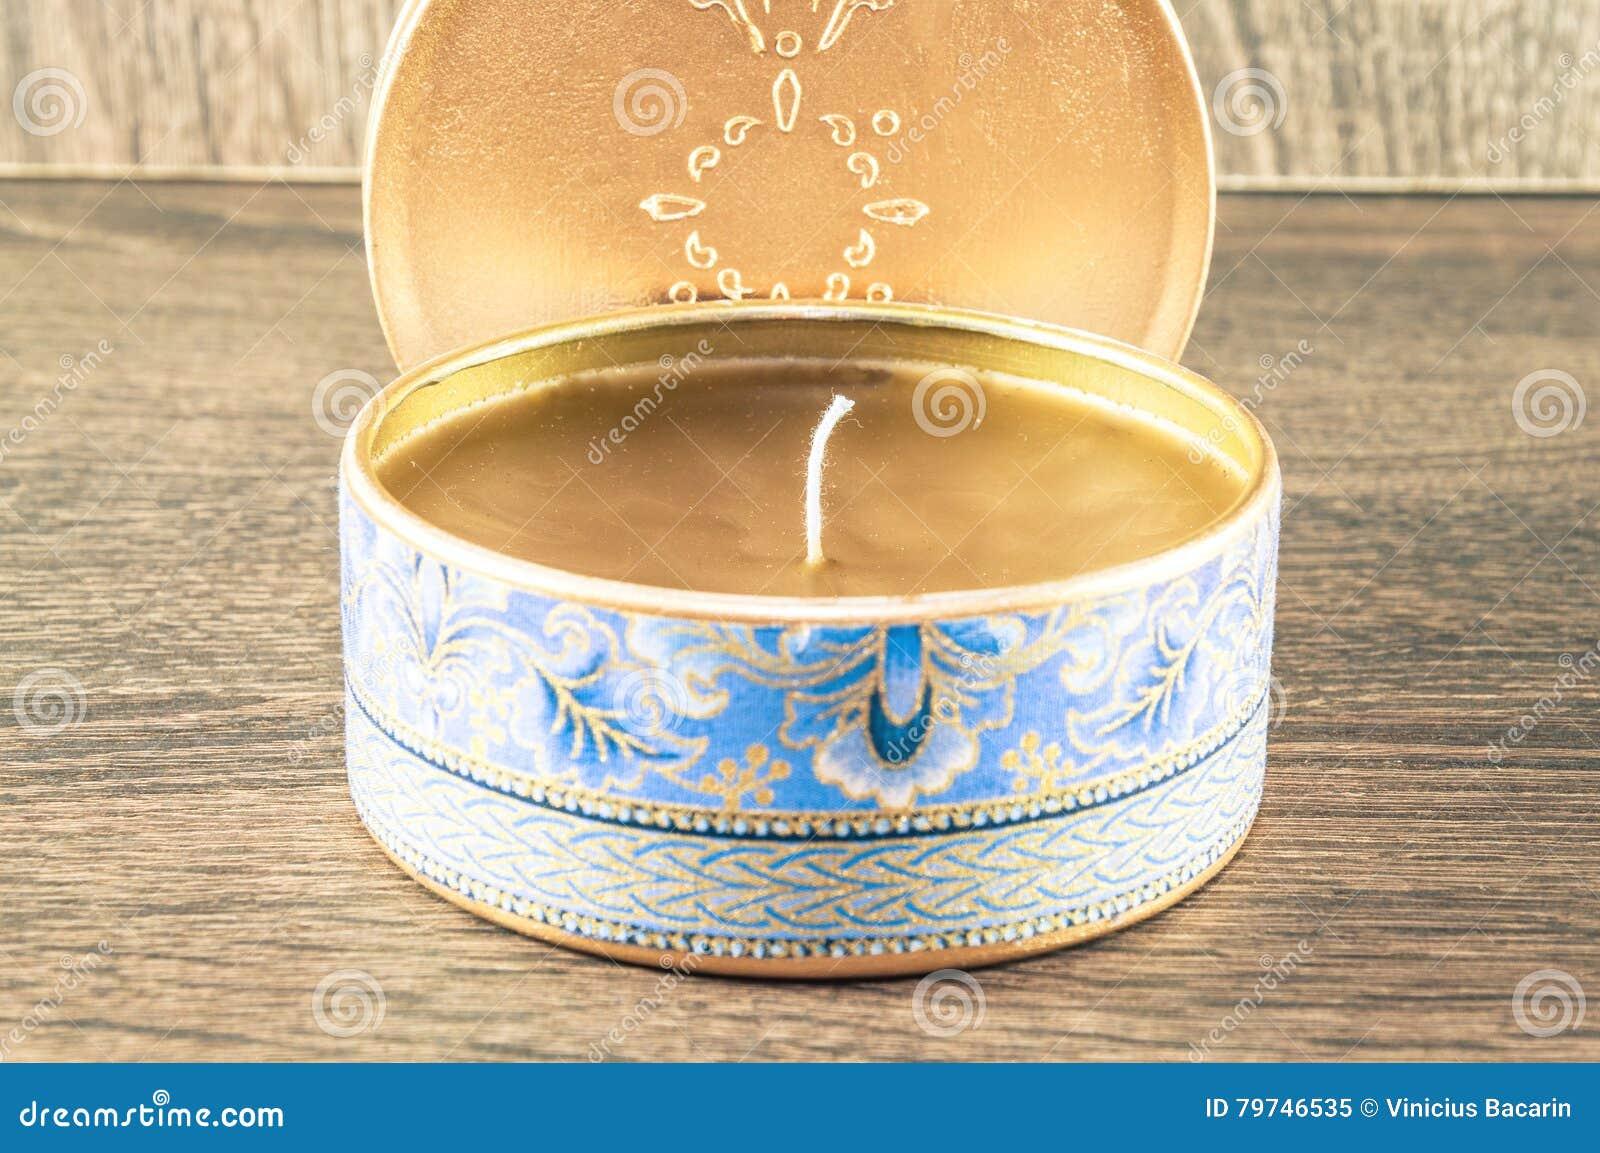 Vela hecha a mano hecha en la caja redondeada de oro adornada con la tela texturizada